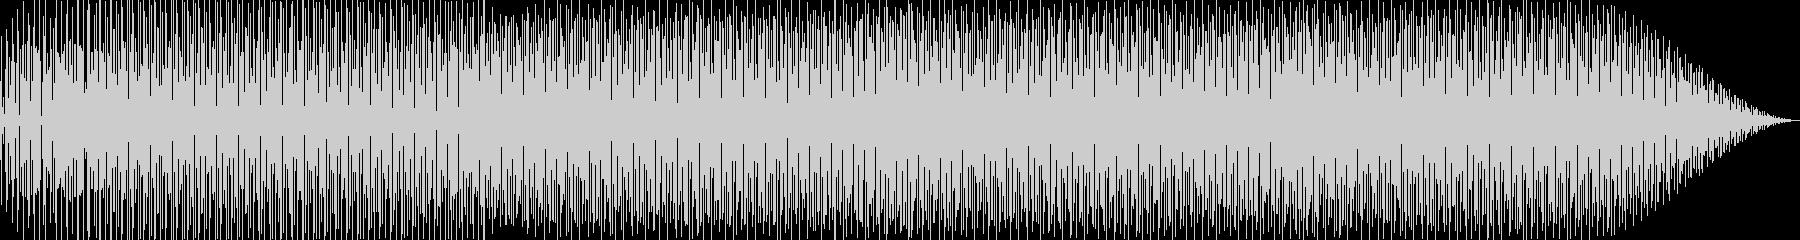 かわいい/ポップ/軽快なBGMの未再生の波形